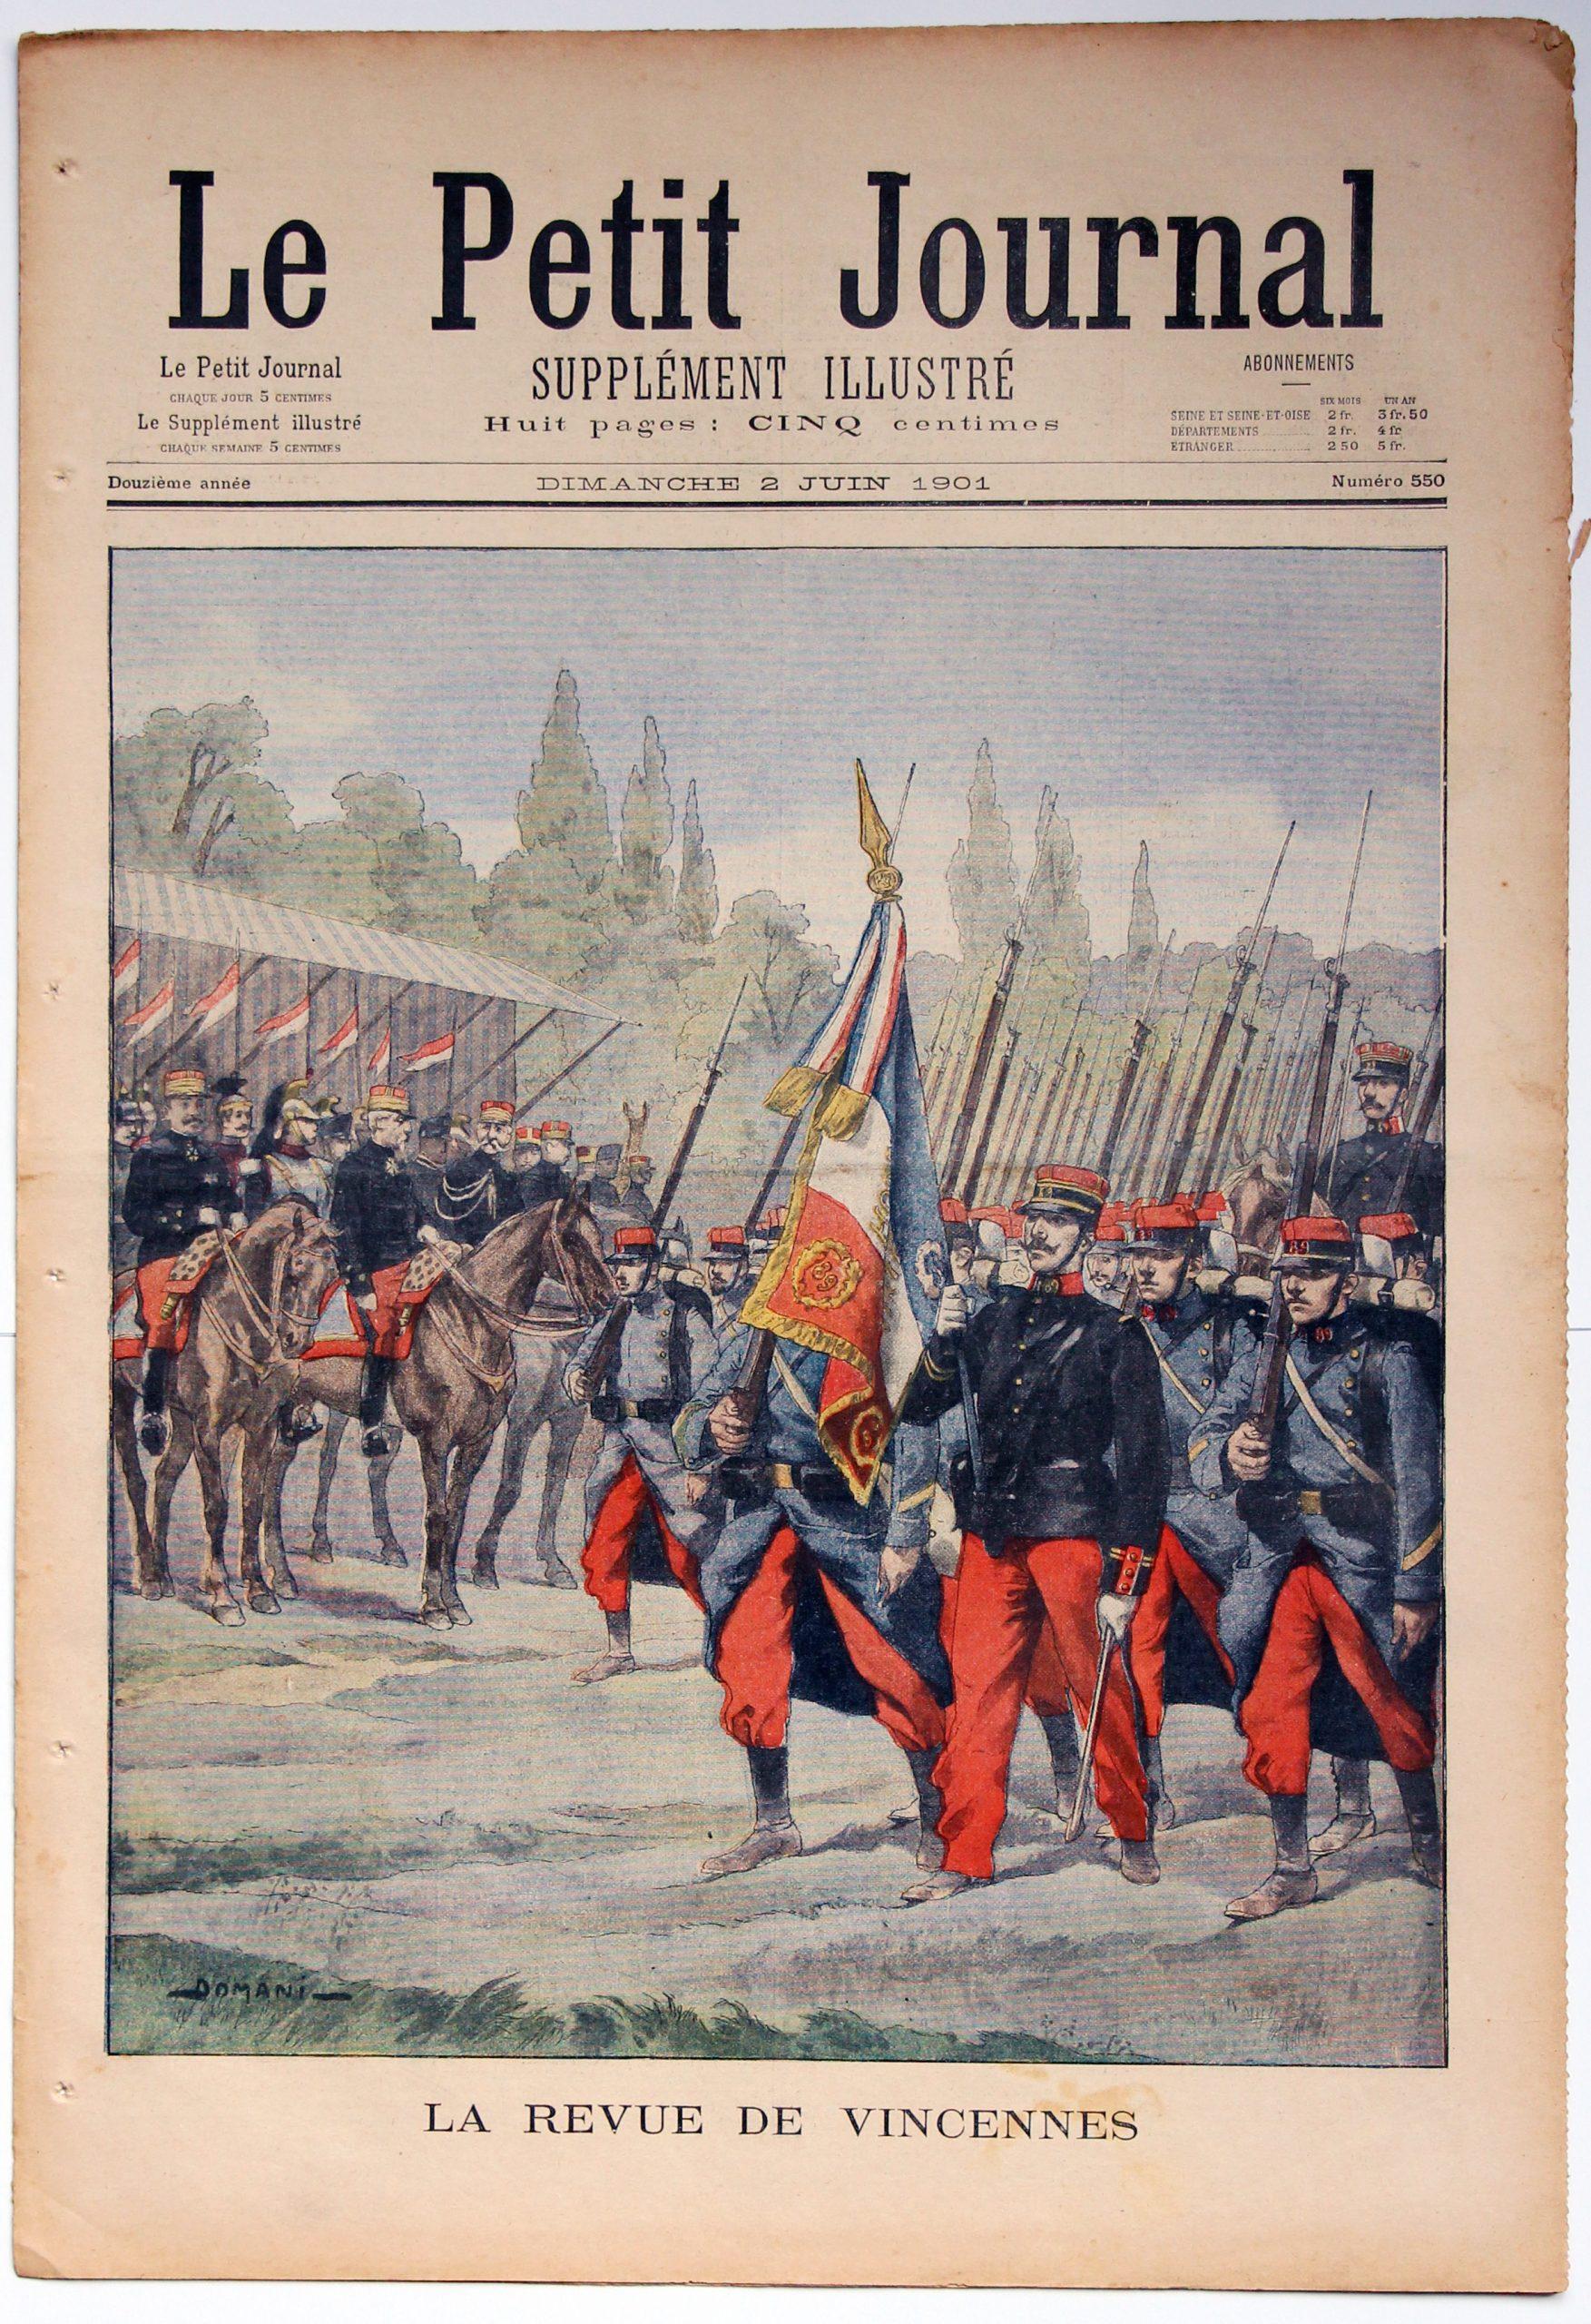 Le petit journal - supplément illustré - 2 juin 1901 - La revue de Vincennes